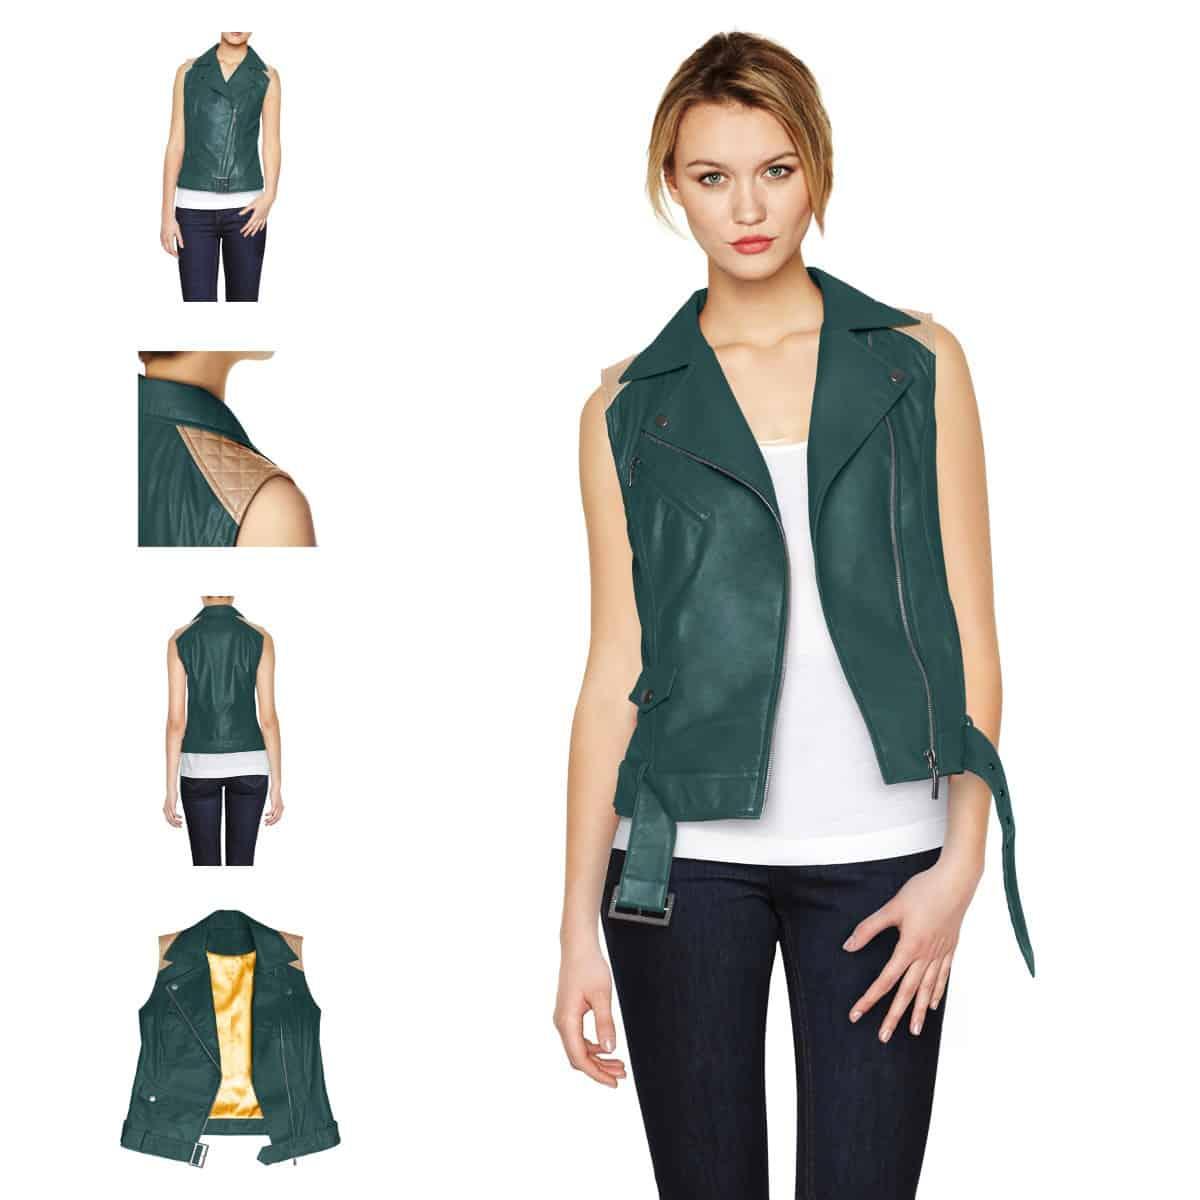 Women's-Sleeveless-leather-jacket